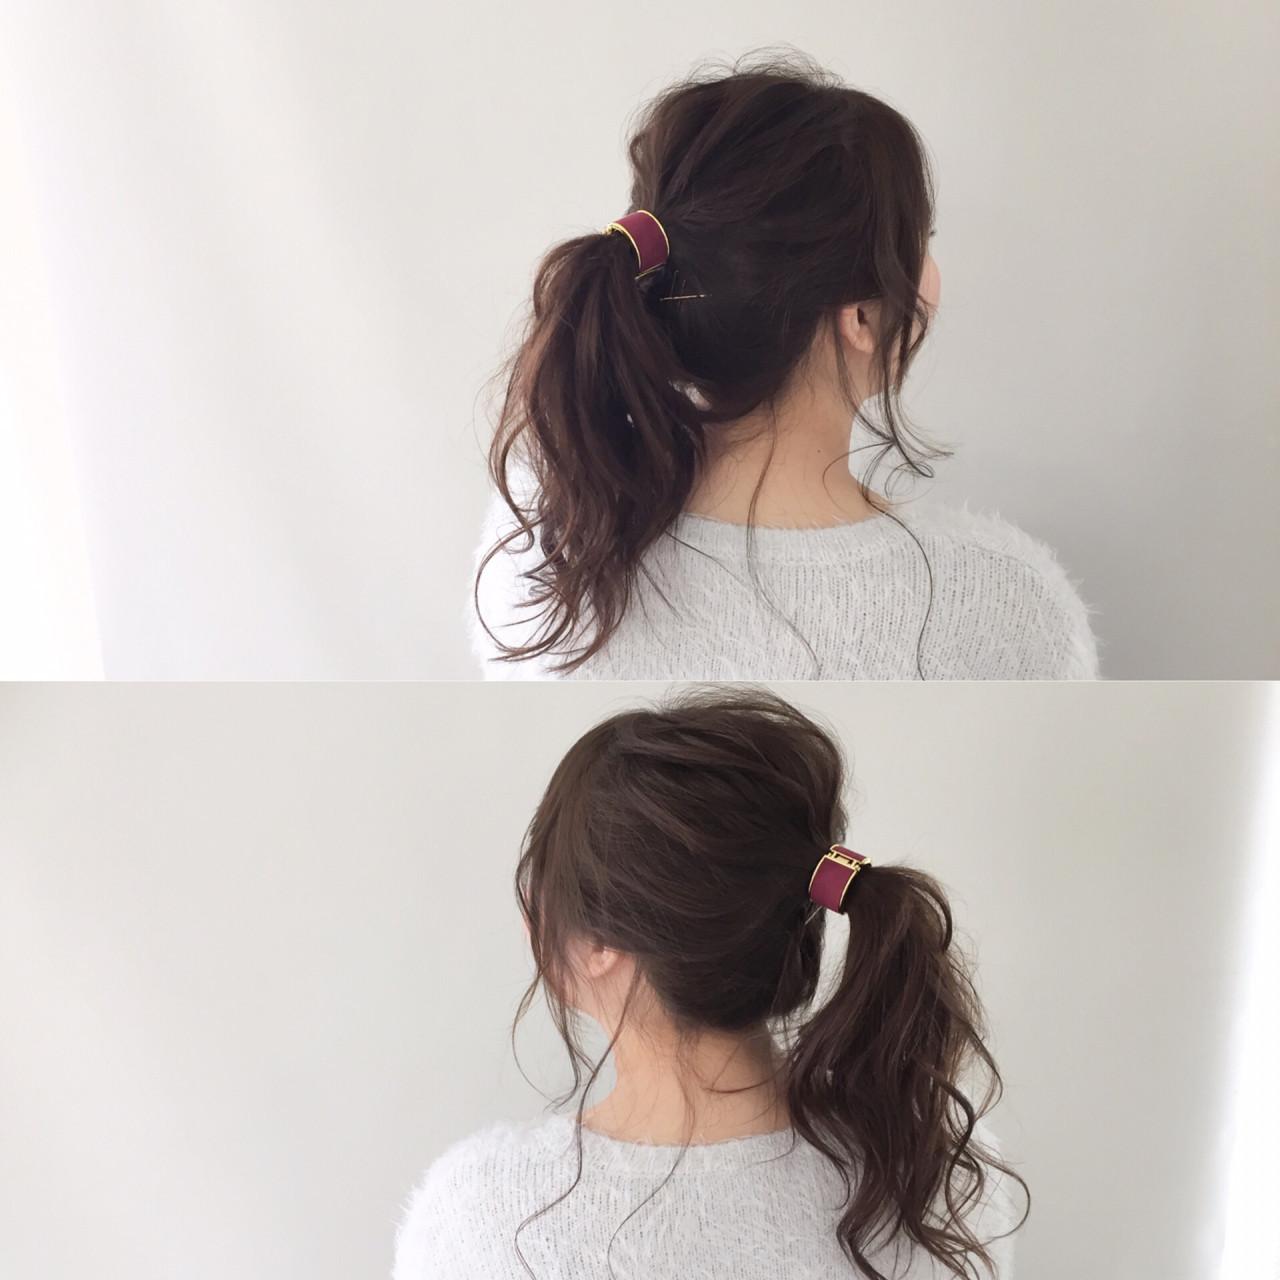 大人女子 ポニーテール ガーリー セミロング ヘアスタイルや髪型の写真・画像